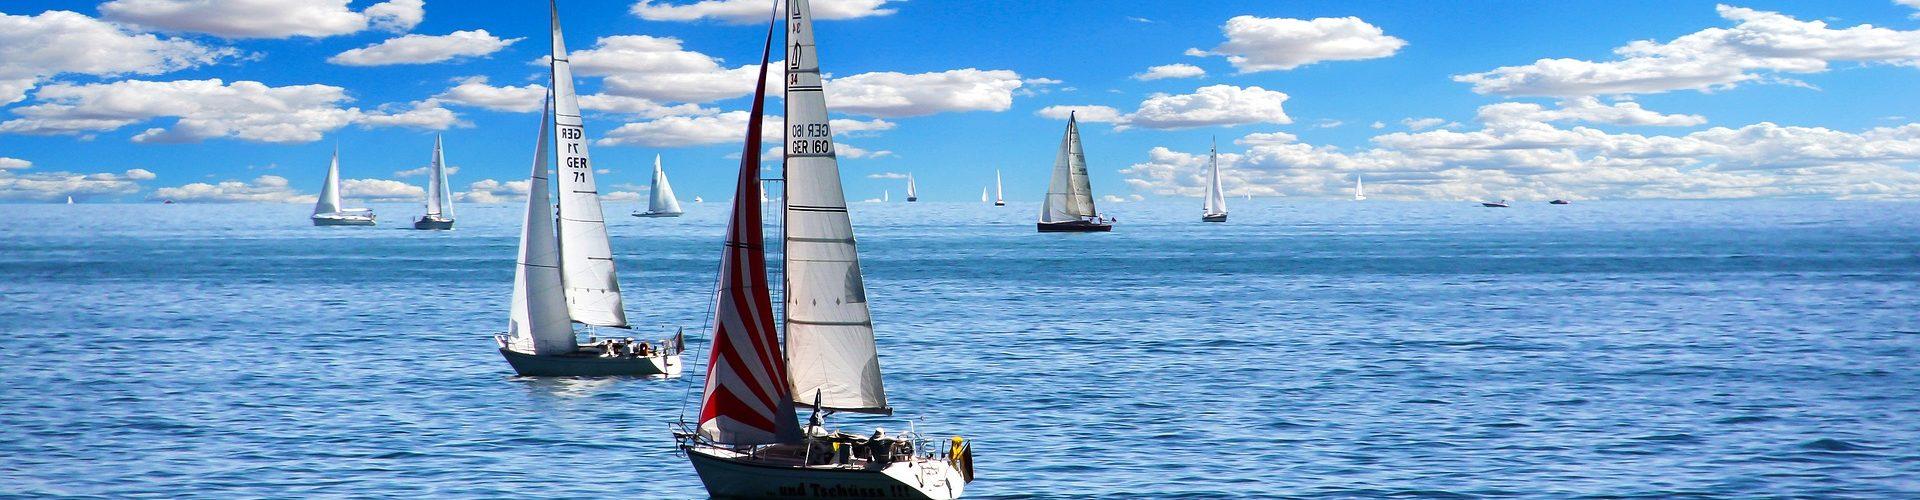 segeln lernen in Voerde segelschein machen in Voerde 1920x500 - Segeln lernen in Voerde